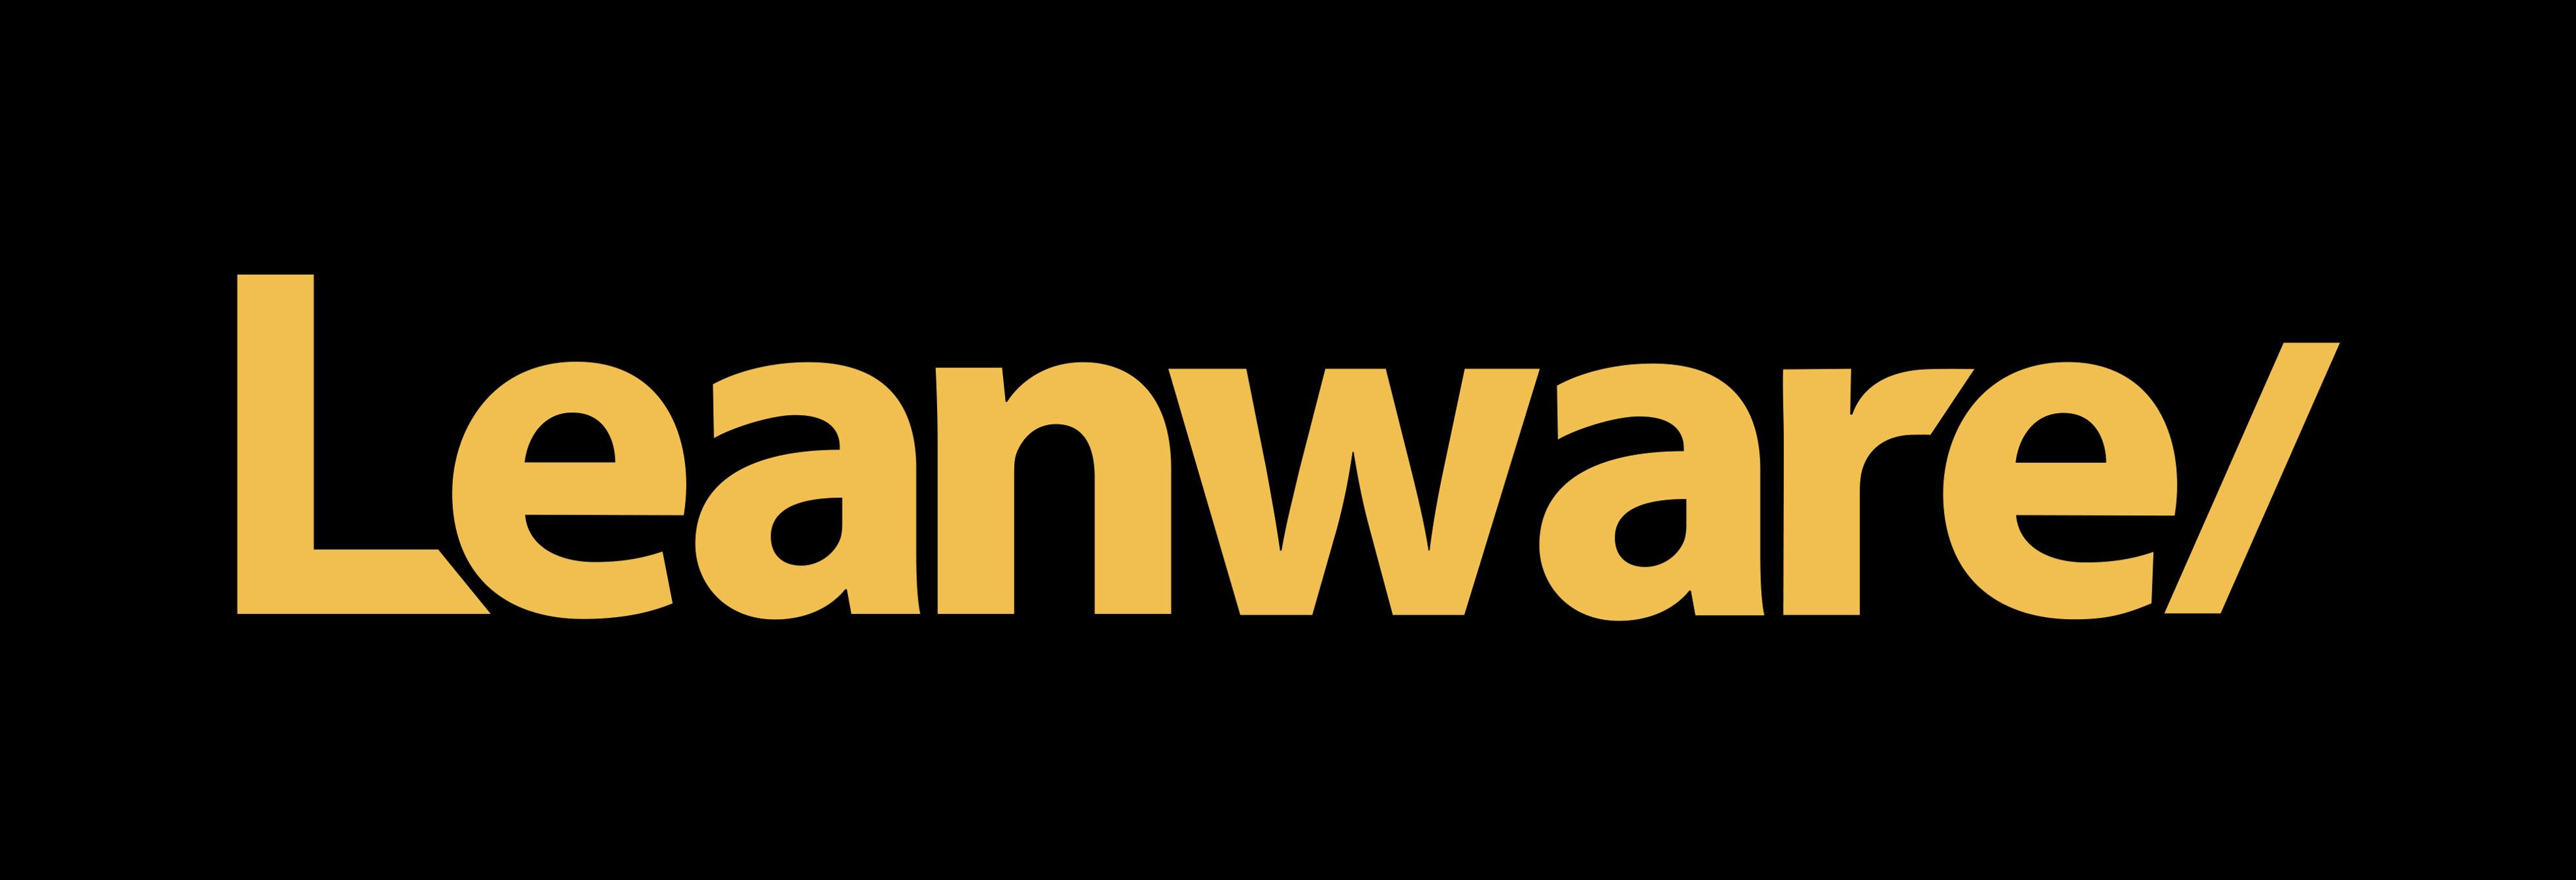 leanware-ohjelmistosuunnittelija-net-teollisuuden-jarjestelmat-tampere-sdsuu-3166140 logo